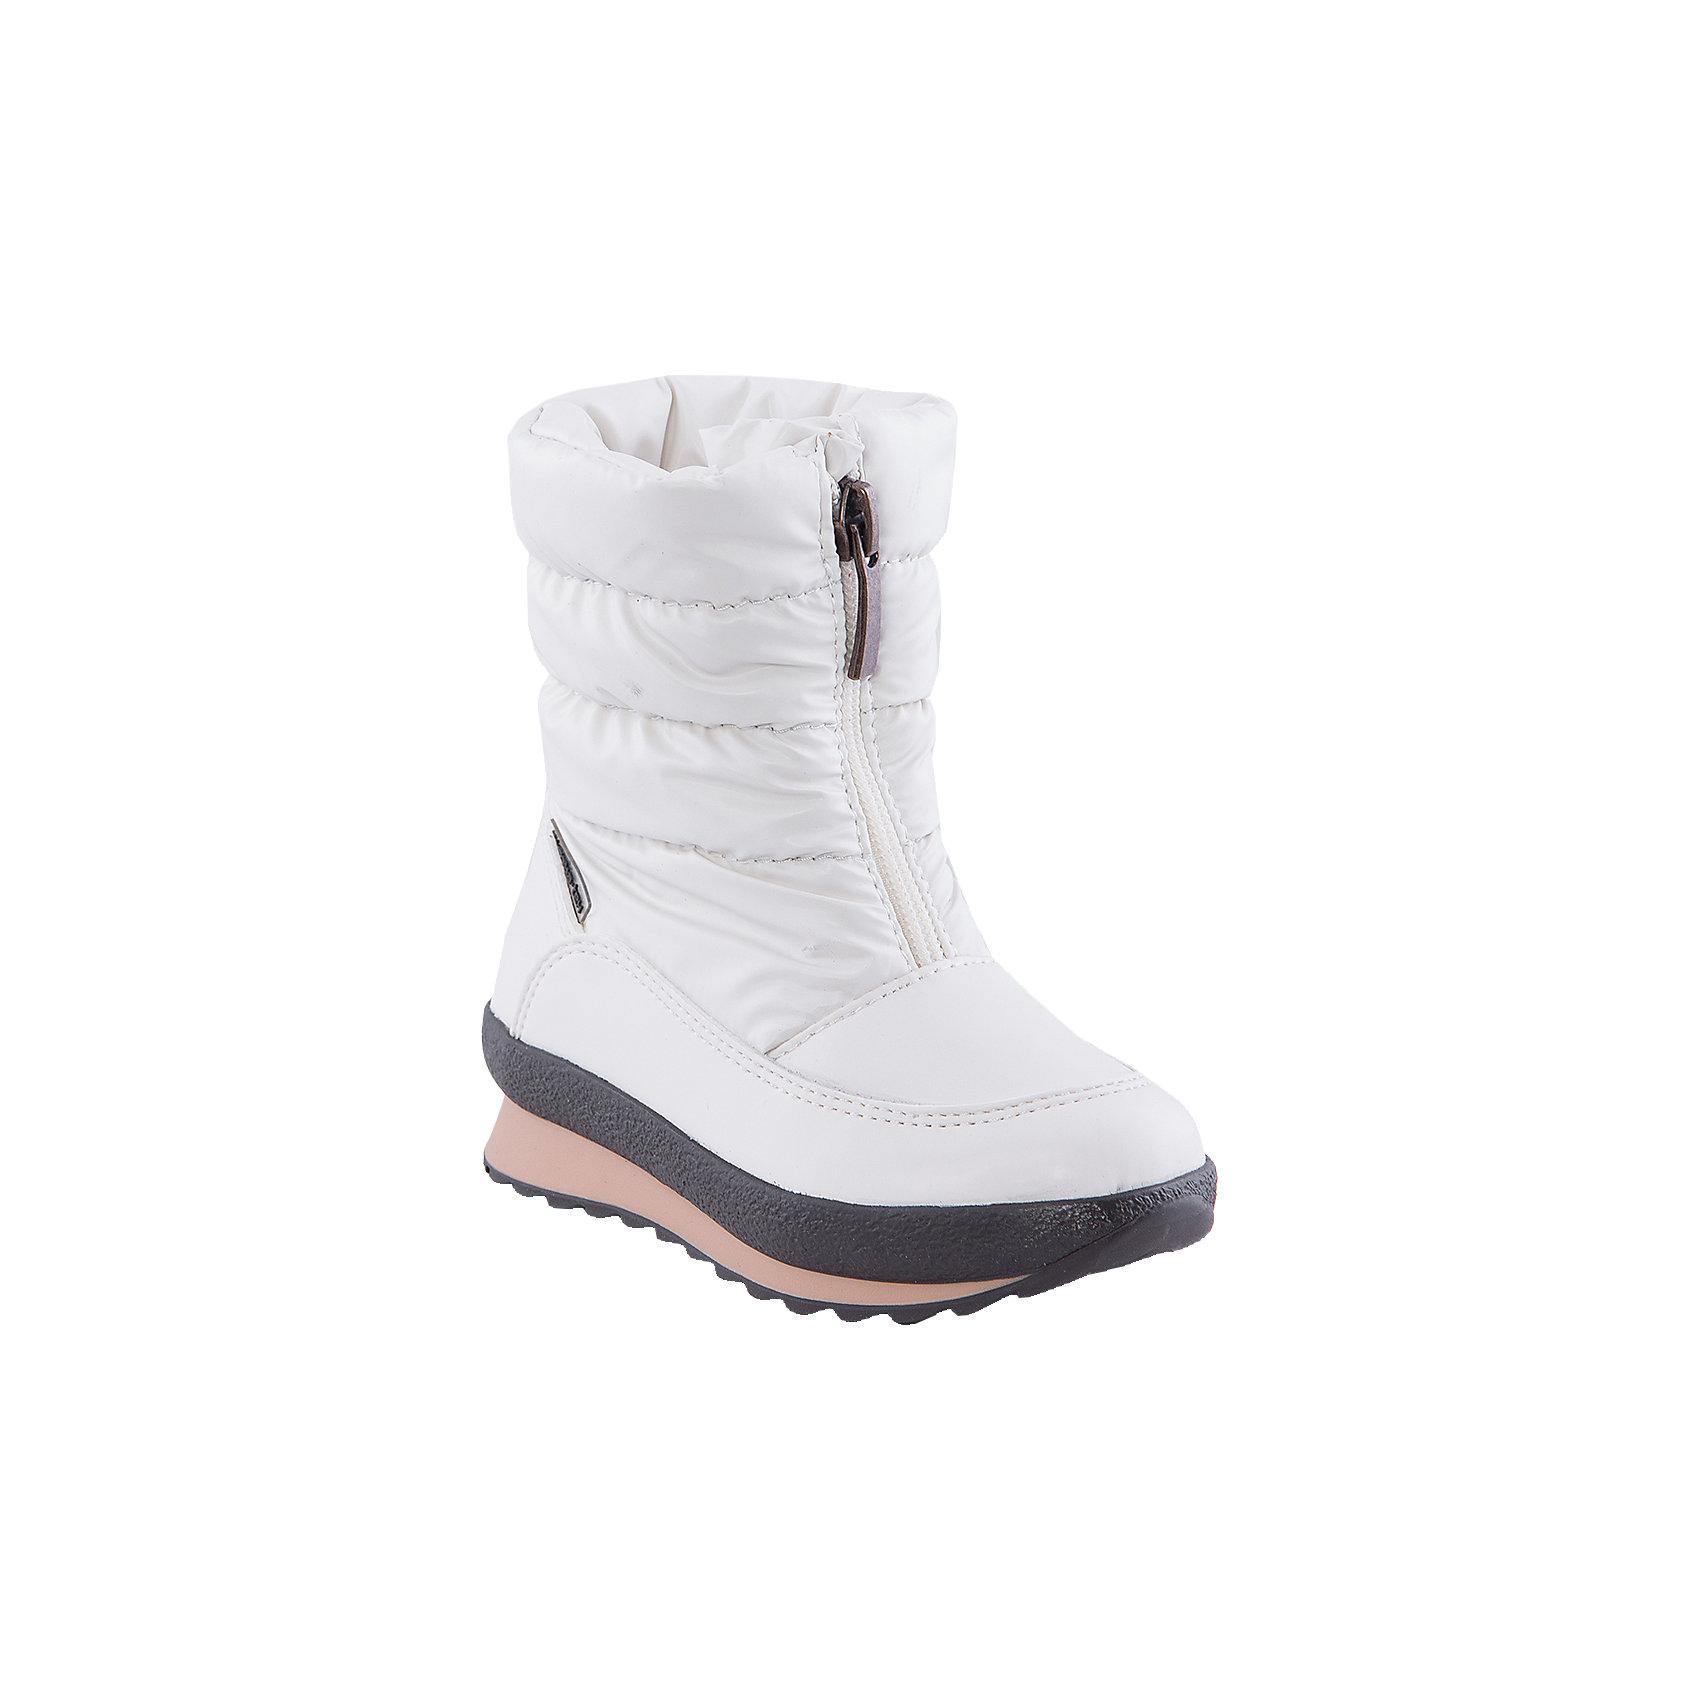 Сапоги для девочки Alaska OriginaleСапоги<br>Мембранная обувь AlaskaOriginale - это стильная, удобная и высокотехнологичная обувь нового поколения, которая при любой погоде остается сухой и теплой. Полиуретановая литая подошва с системой «ANTISLIDE» обеспечивает превосходное сцепление, высокую устойчивость к деформациям, низким температурами и гарантирует полную водонепроницаемость. Мембрана позволяет стопе «дышать», сохраняя ее сухой. Благодаря всем этим свойствам обувь обеспечивает комфорт при ношении от +5 до -25 градусов.<br><br>Состав: <br>Материалы верха: Текстильные материалы. Подрошва:Термопластик.<br><br>Ширина мм: 257<br>Глубина мм: 180<br>Высота мм: 130<br>Вес г: 420<br>Цвет: белый<br>Возраст от месяцев: 36<br>Возраст до месяцев: 48<br>Пол: Женский<br>Возраст: Детский<br>Размер: 27,24,25,26<br>SKU: 4399102